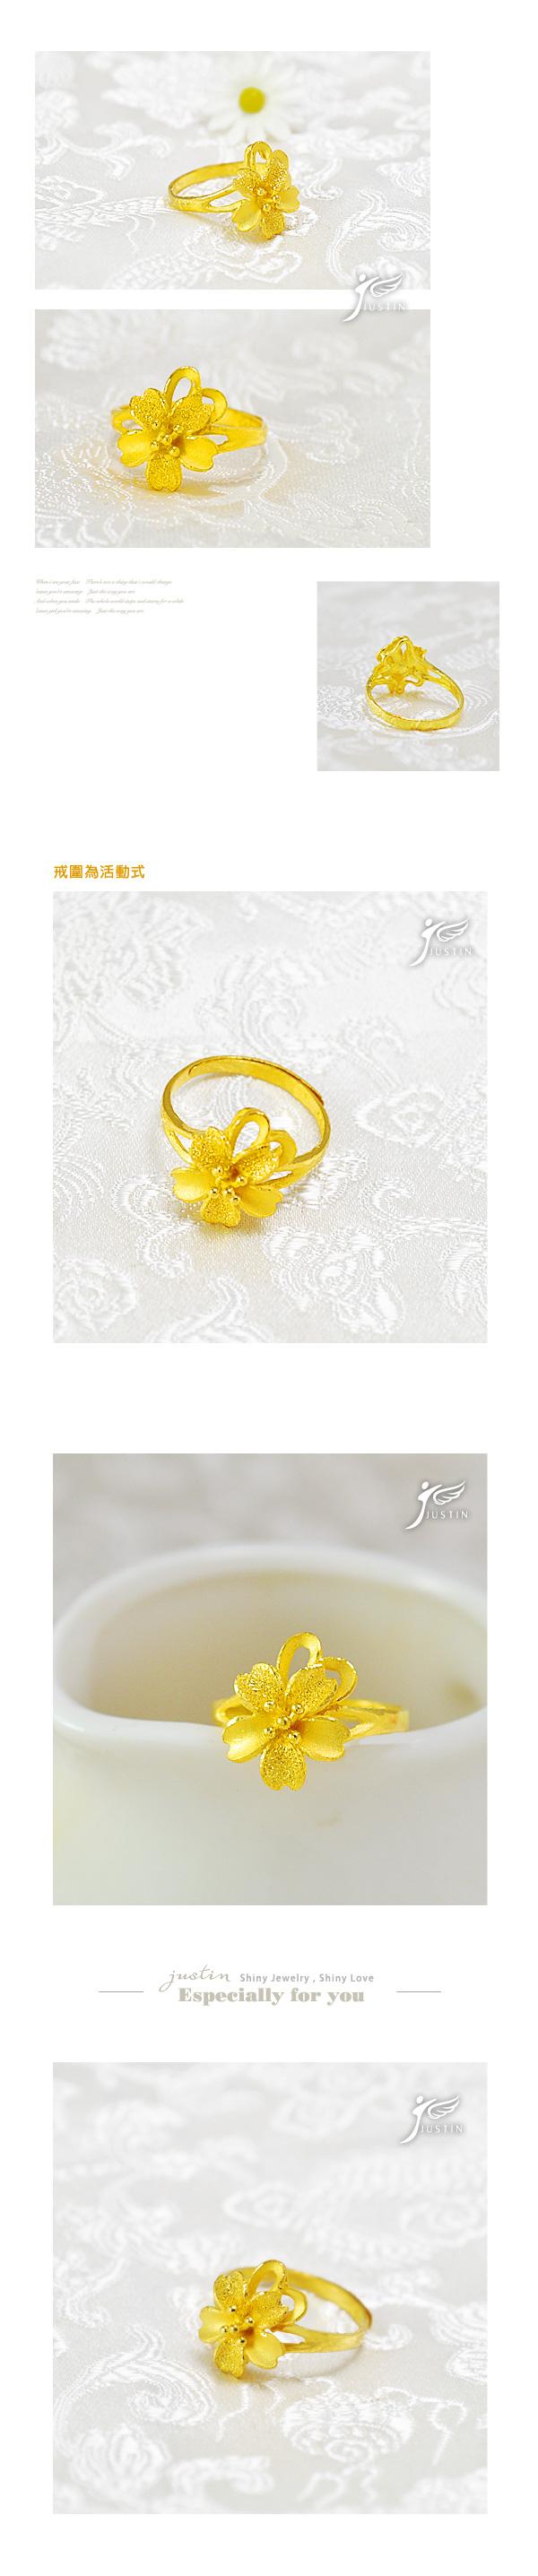 金緻品,金製品,黃金價格,金飾,金飾價格,黃金飾品,金飾店,純金,金飾品牌,黃金投資,鑽石,鑽戒,結婚金飾,綻放幸福